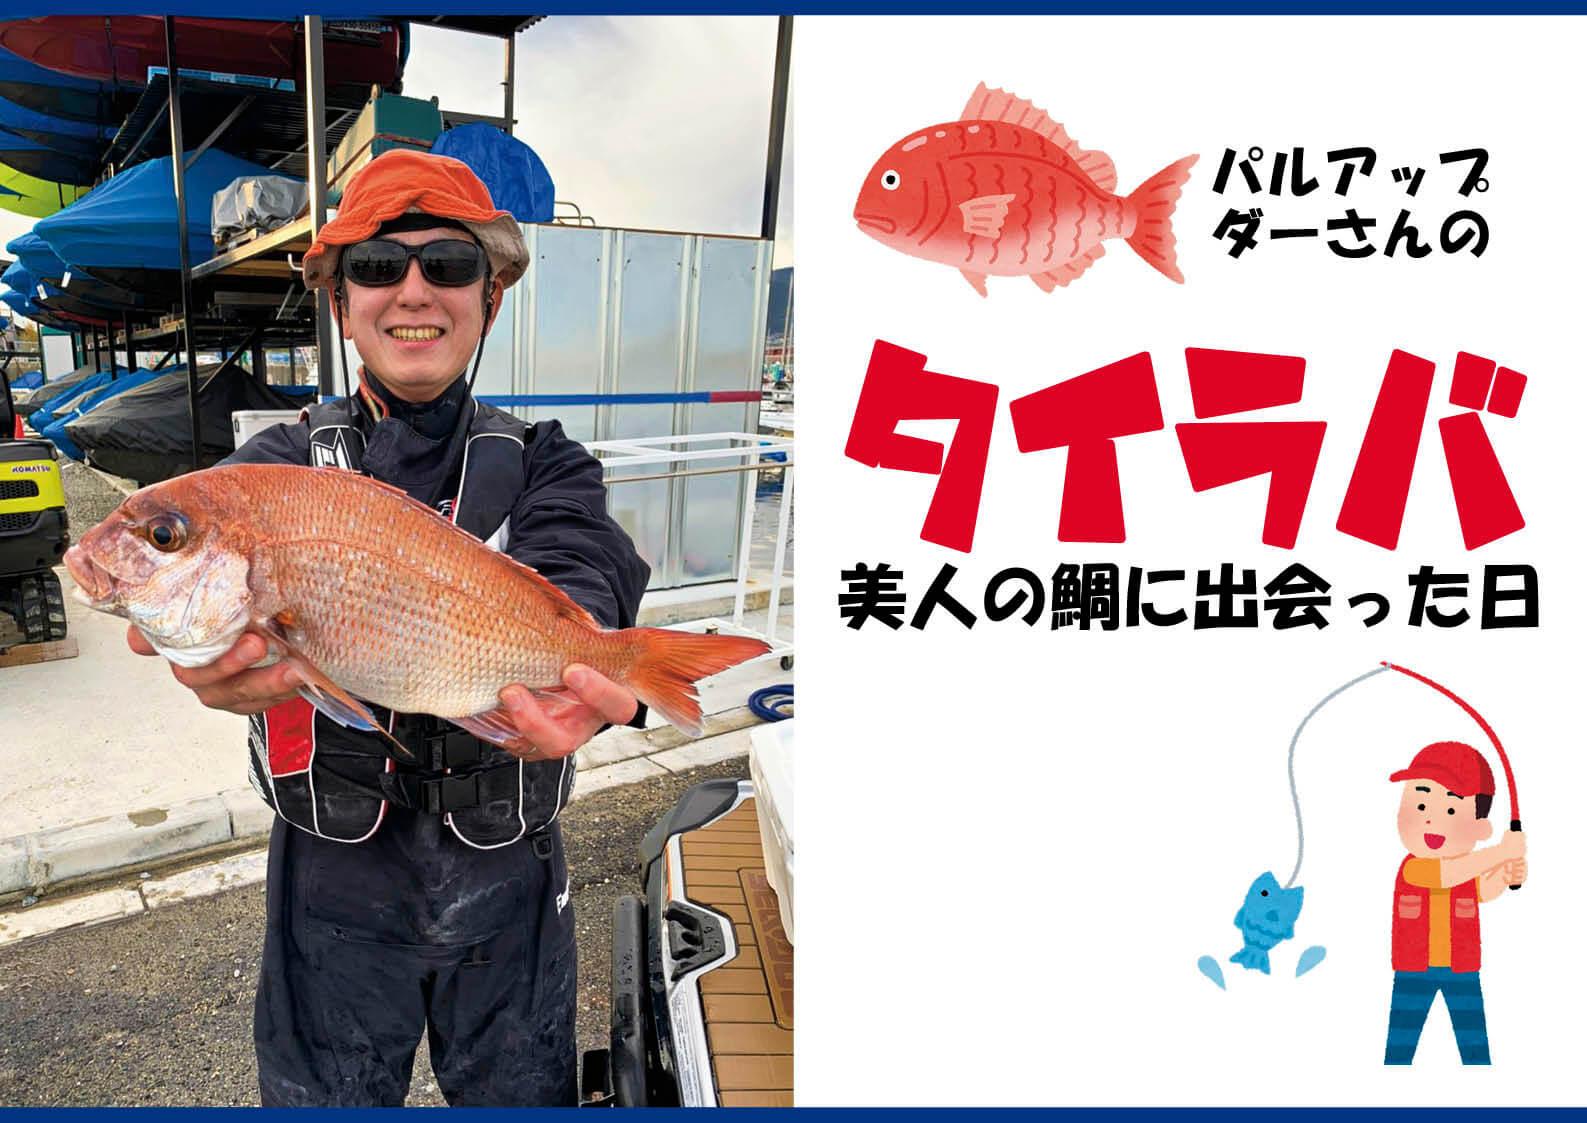 パルアップ、ダーさん便り「タイラバ・美人の鯛に出会った日」明石の鯛釣りツーリング